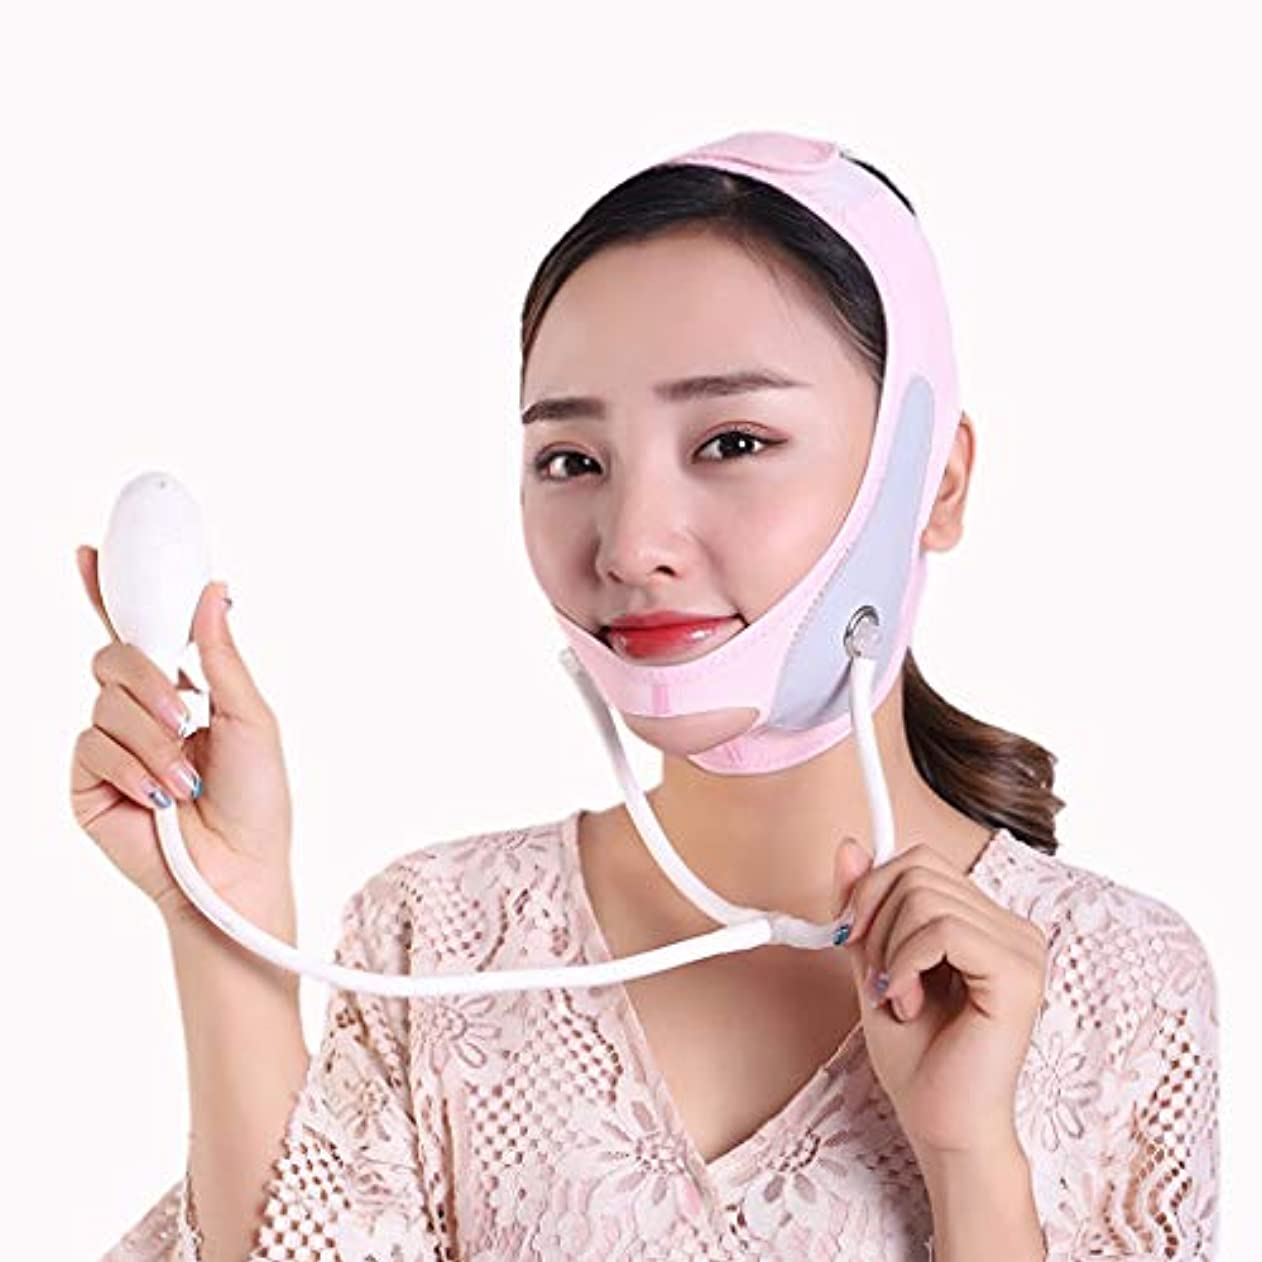 XHLMRMJ インフレータブルフェイスリフティングマスク、リフティングと締め付け、フェイスリフティング包帯、二重あごと薄いフェイスバンド (Size : M)